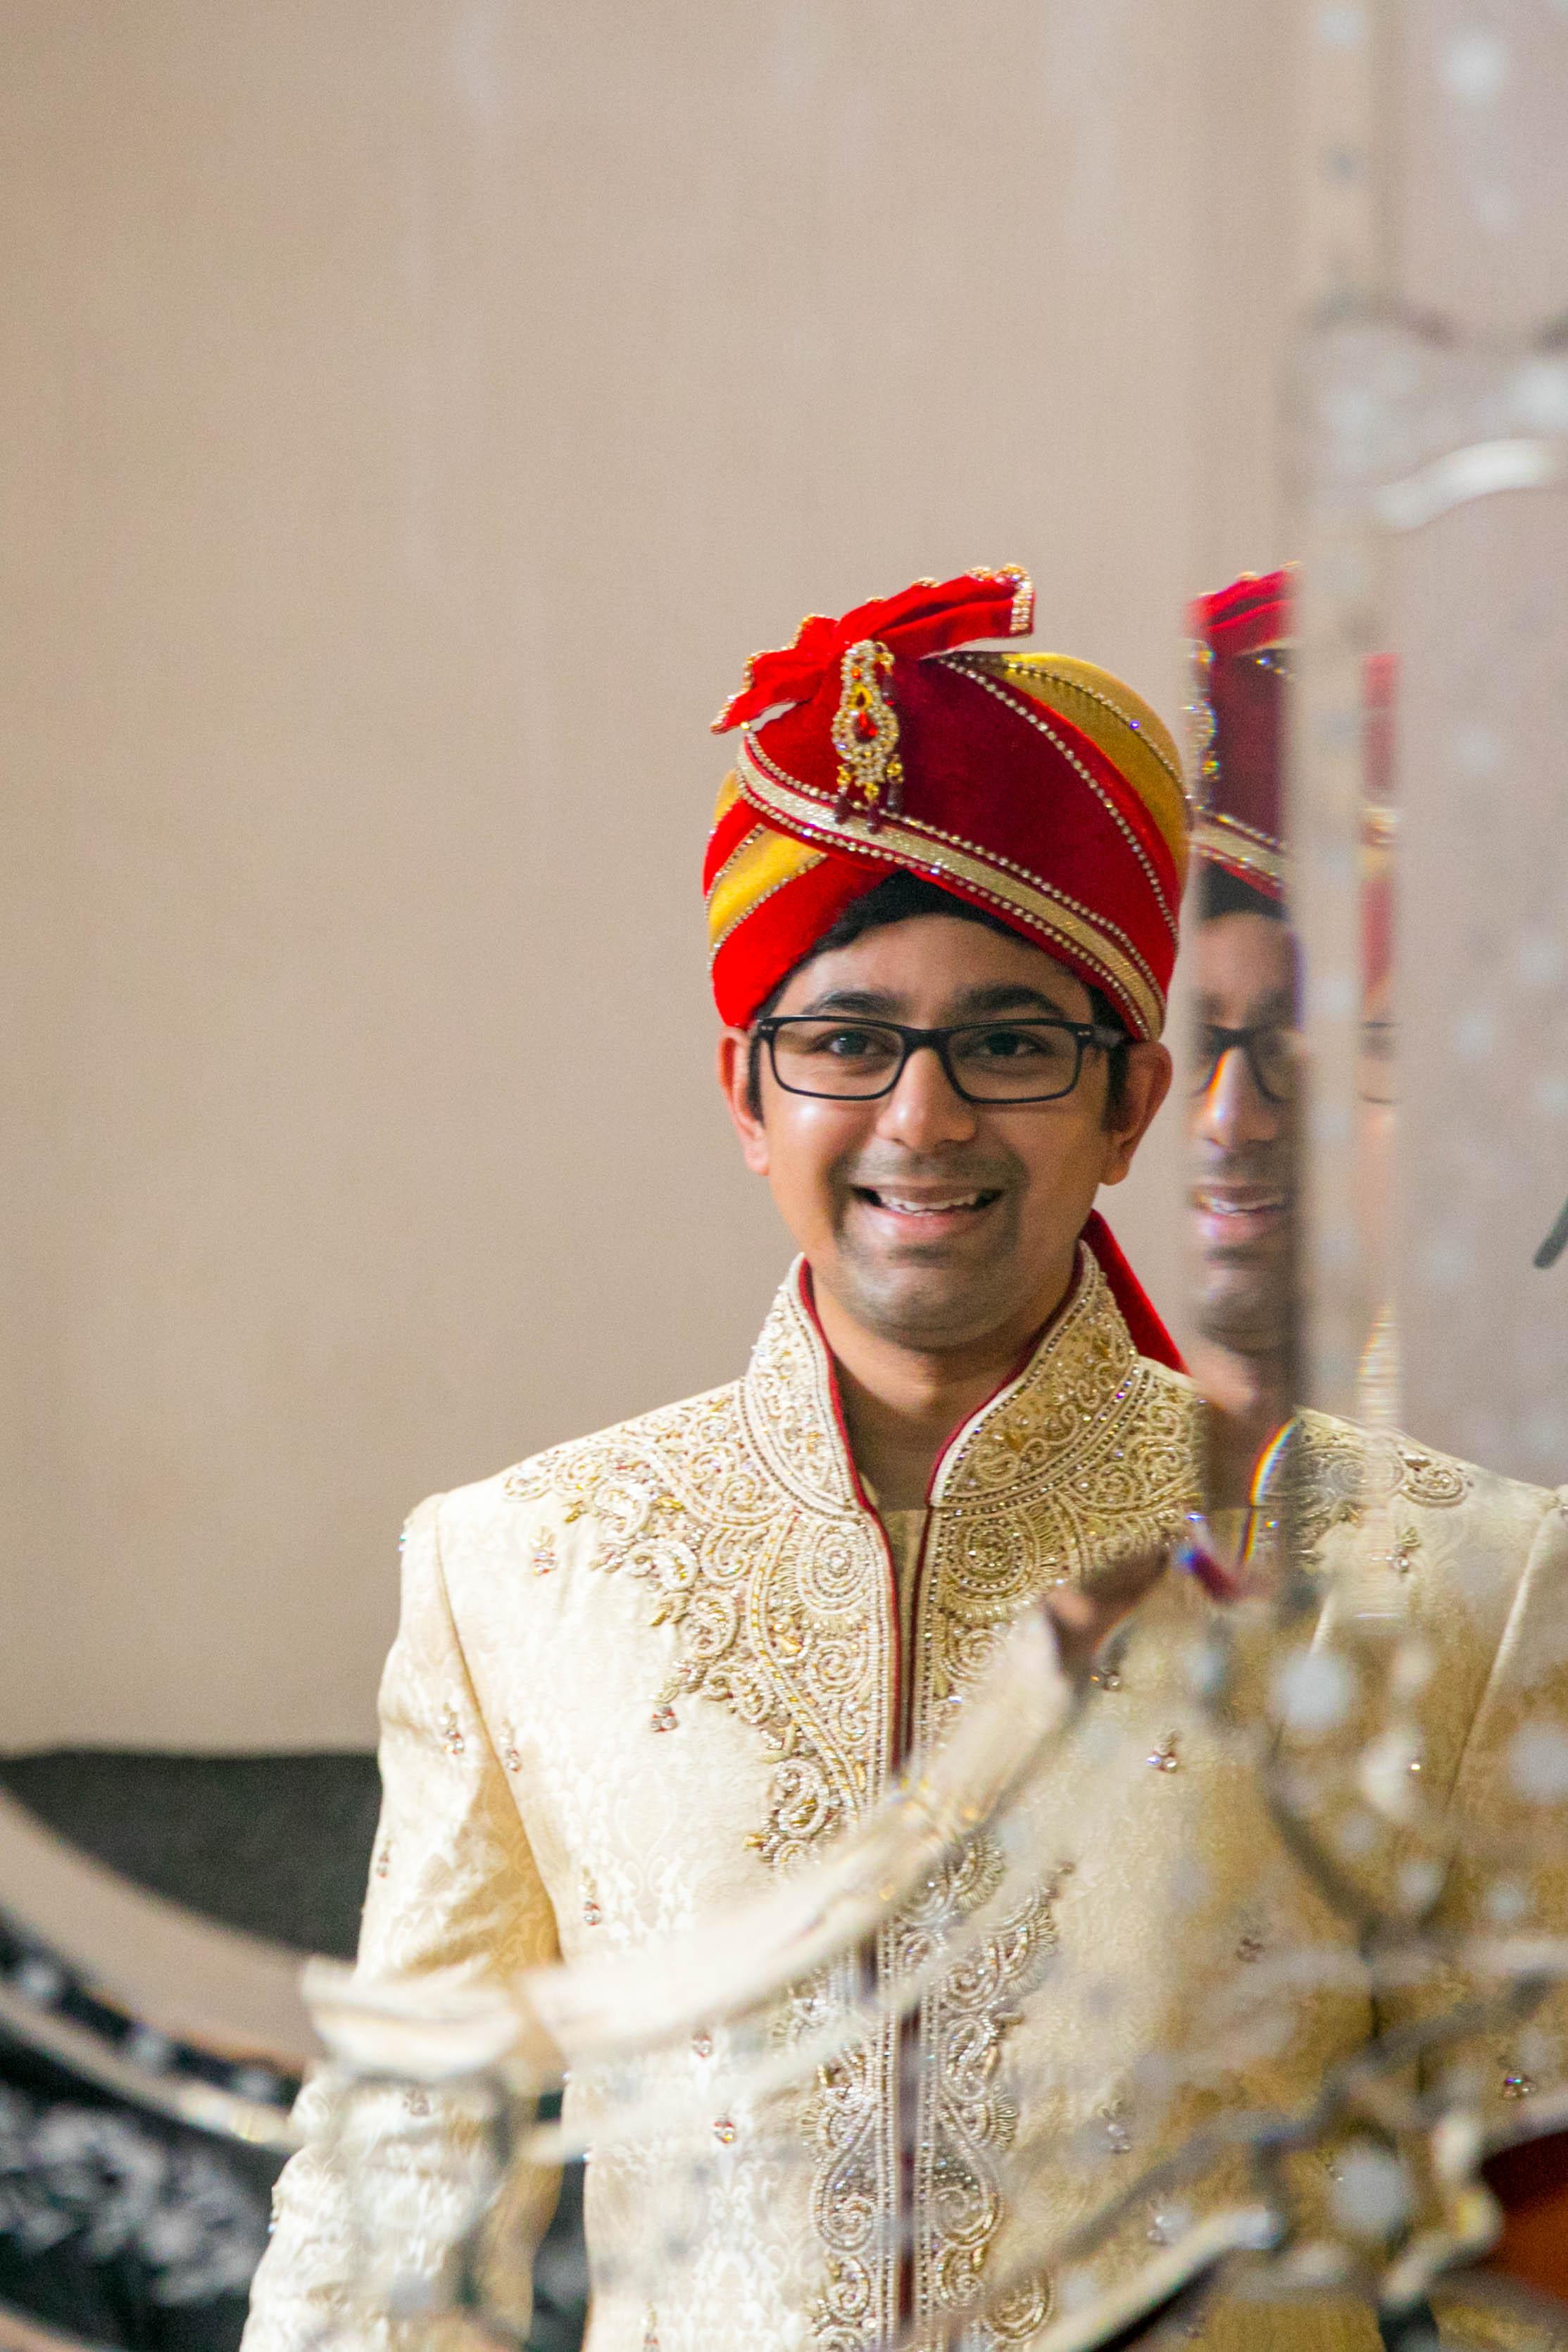 asian-Hindu-wedding-photographer-birmingham-abbey-park-leicester-natalia-smith-photography-24.jpg